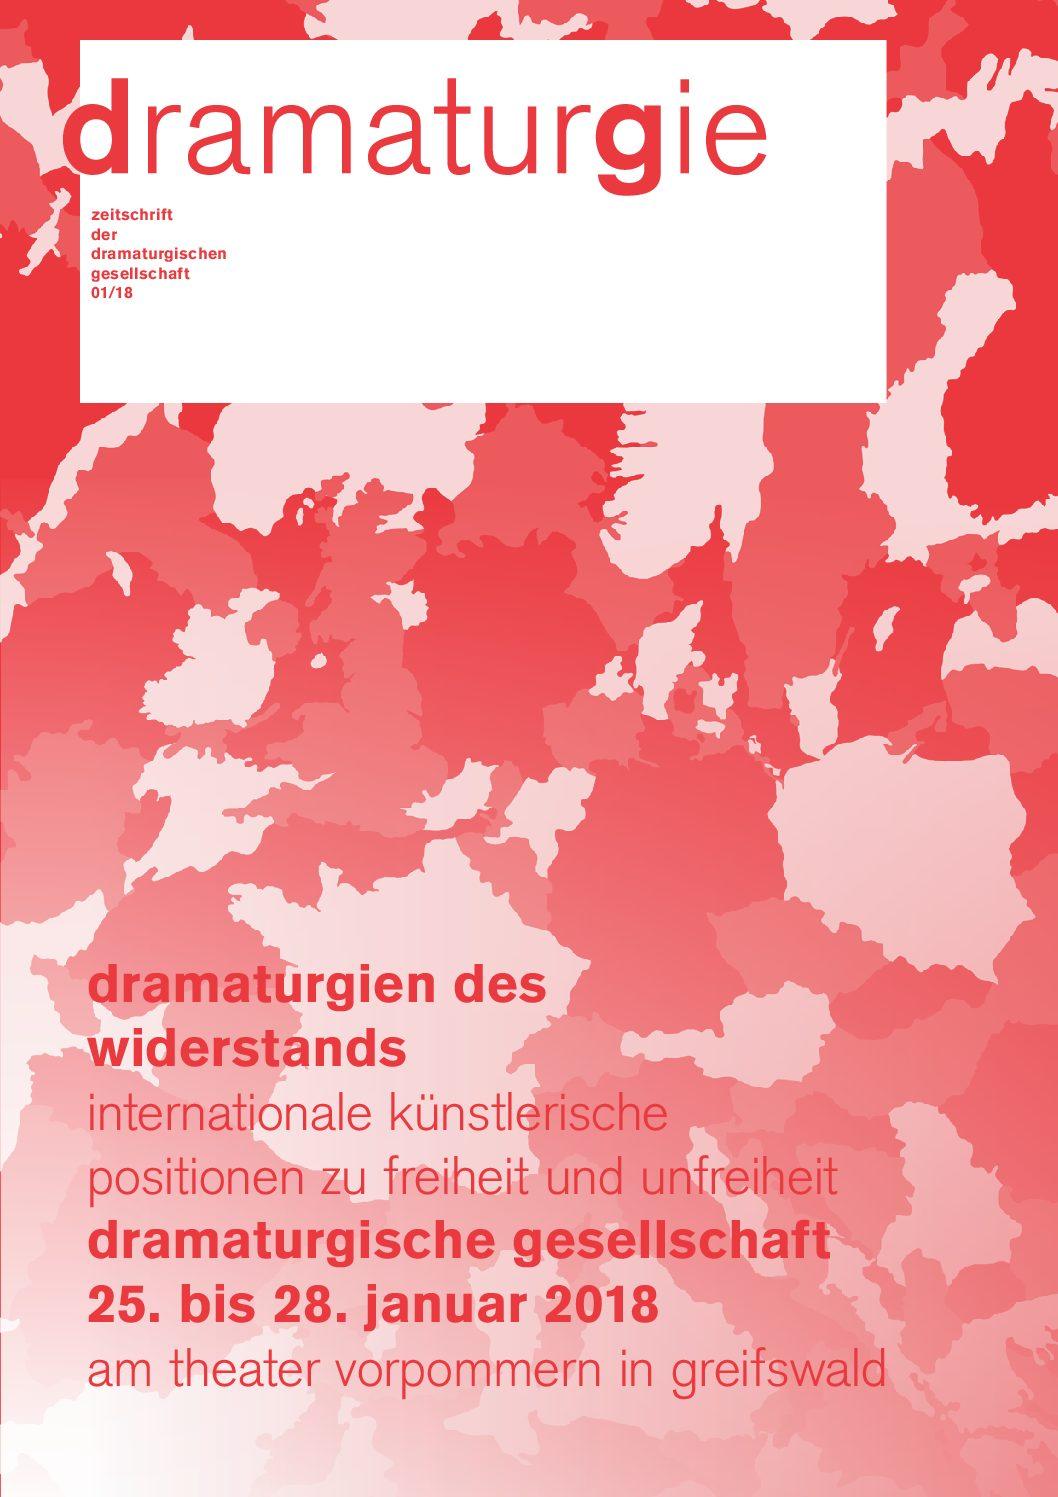 Thumbnail zum PDF: Dramaturgie 2018/1<br />  Dramaturgien des Widerstands. Internationale künstlerische Positionen zu Freiheit und Unfreiheit.<br />